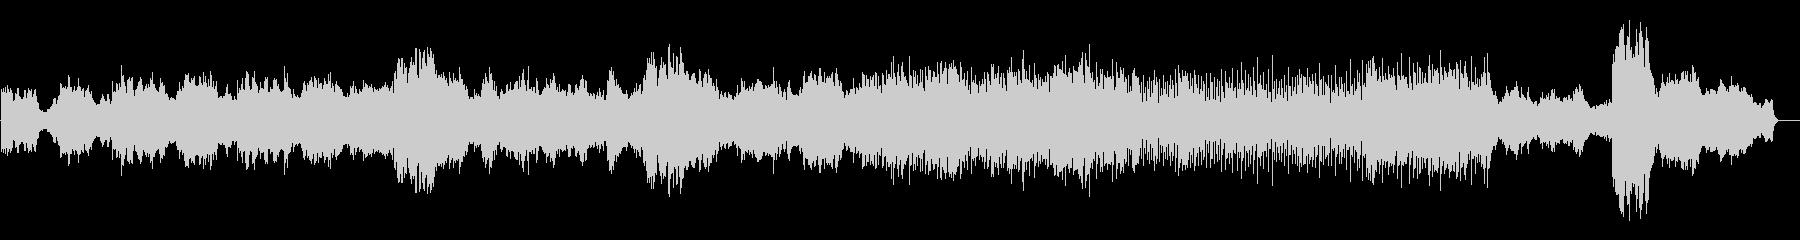 エキゾチックな民族音楽風ボーカル曲の未再生の波形